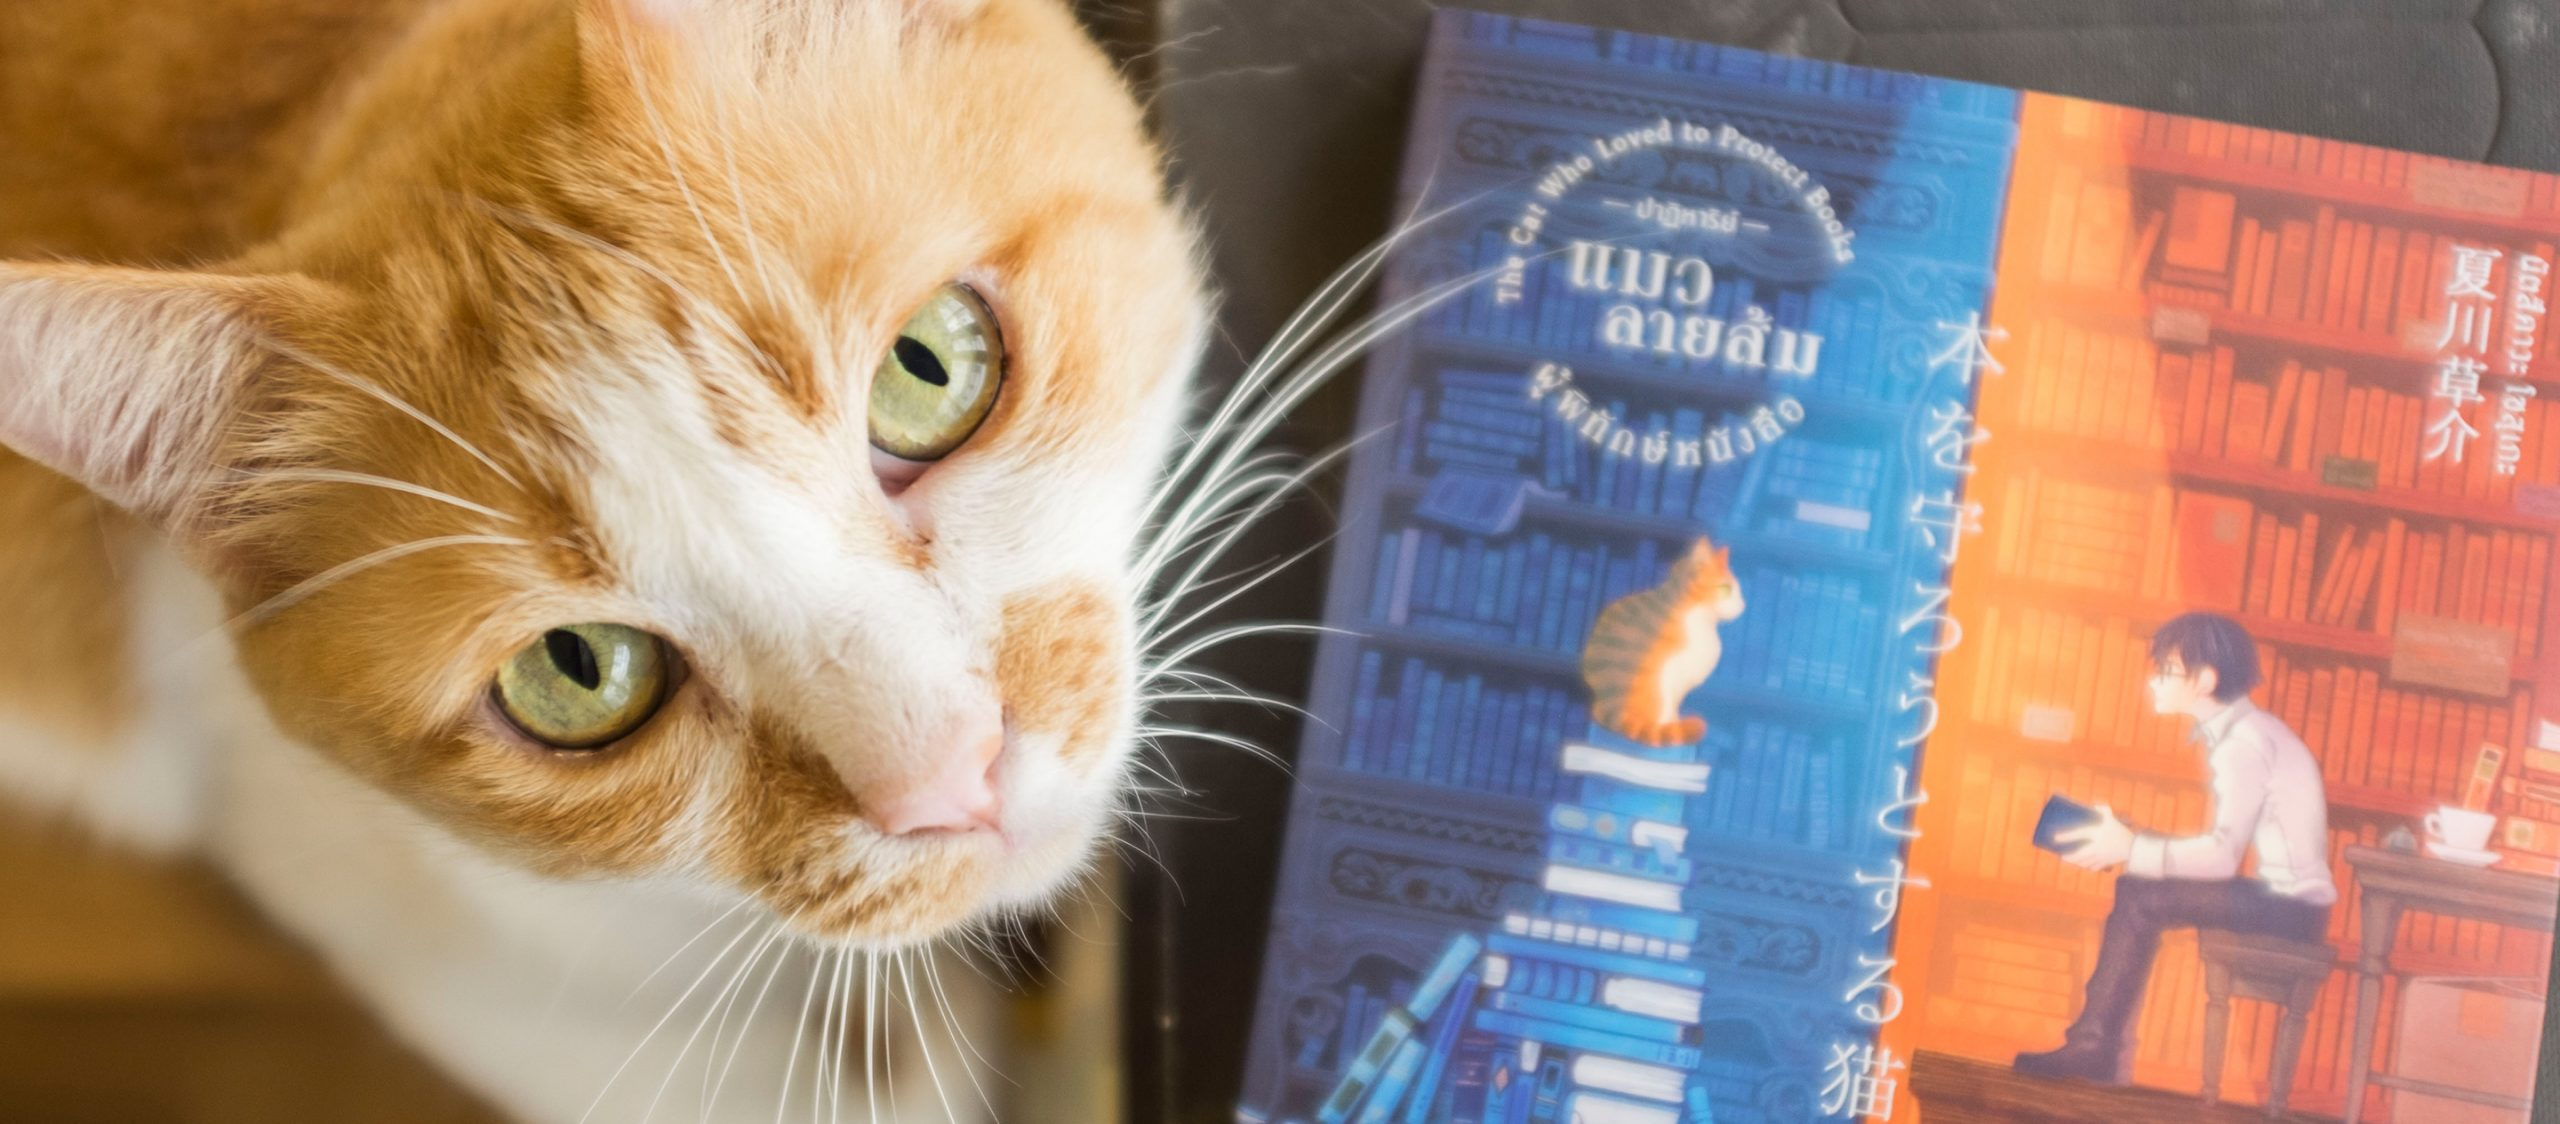 """""""อ่านหนังสือไปทำไม"""" ใคร่ครวญตัวเองไปกับเด็กหนุ่มและเจ้าแมวใน ปาฏิหาริย์แมวลายส้มผู้พิทักษ์หนังสือ"""